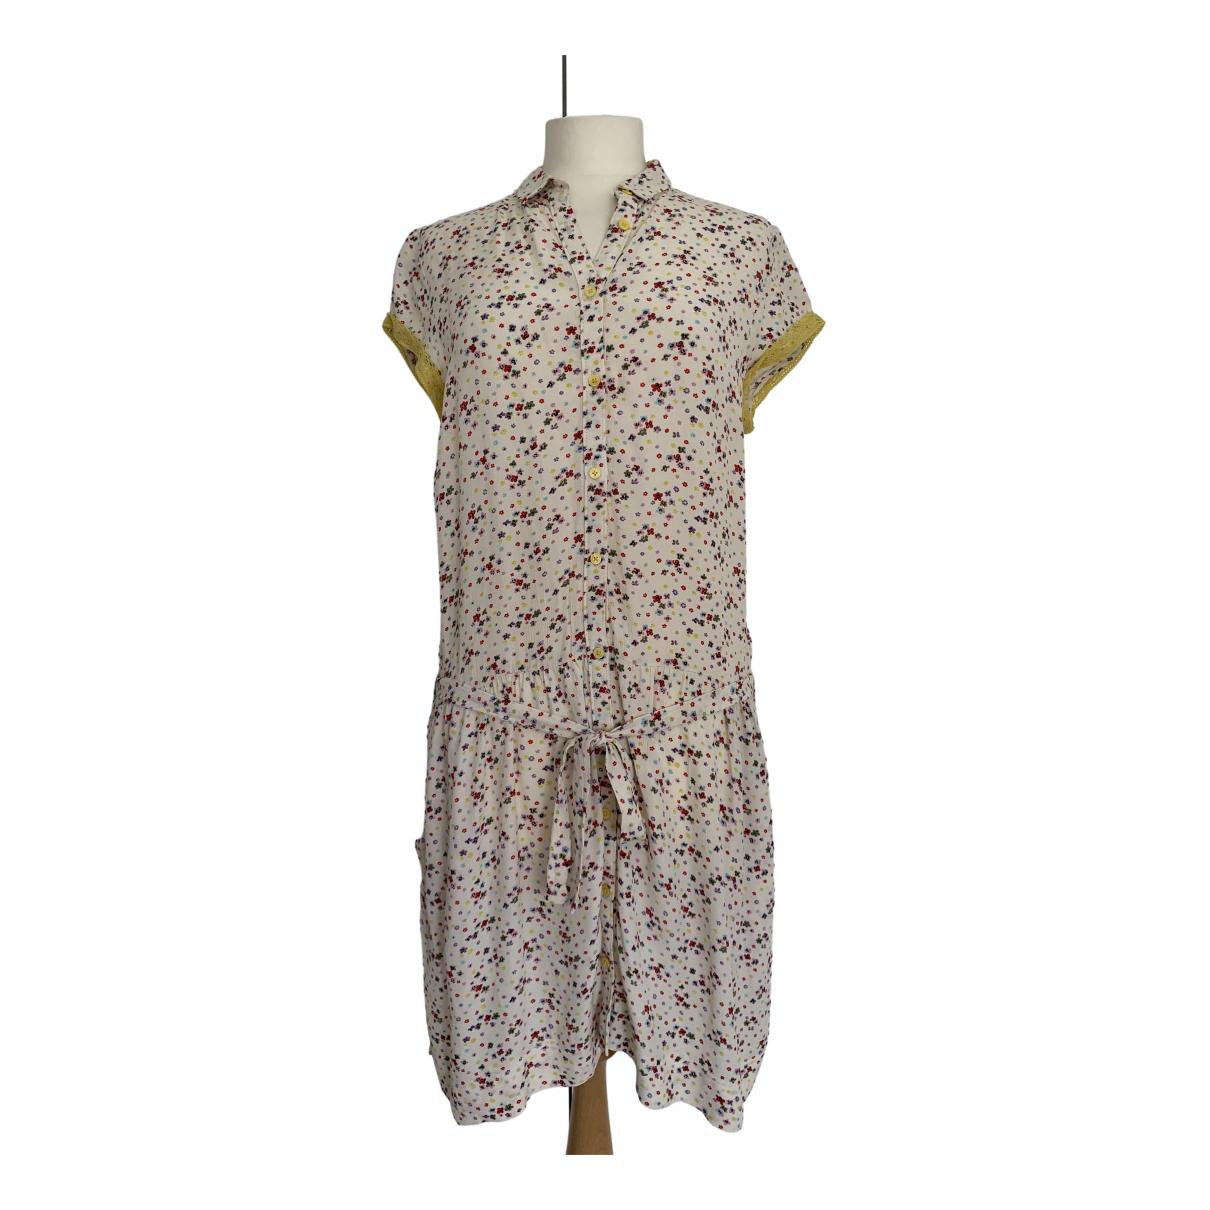 Zadig & Voltaire \N Kleid in  Ecru Viskose